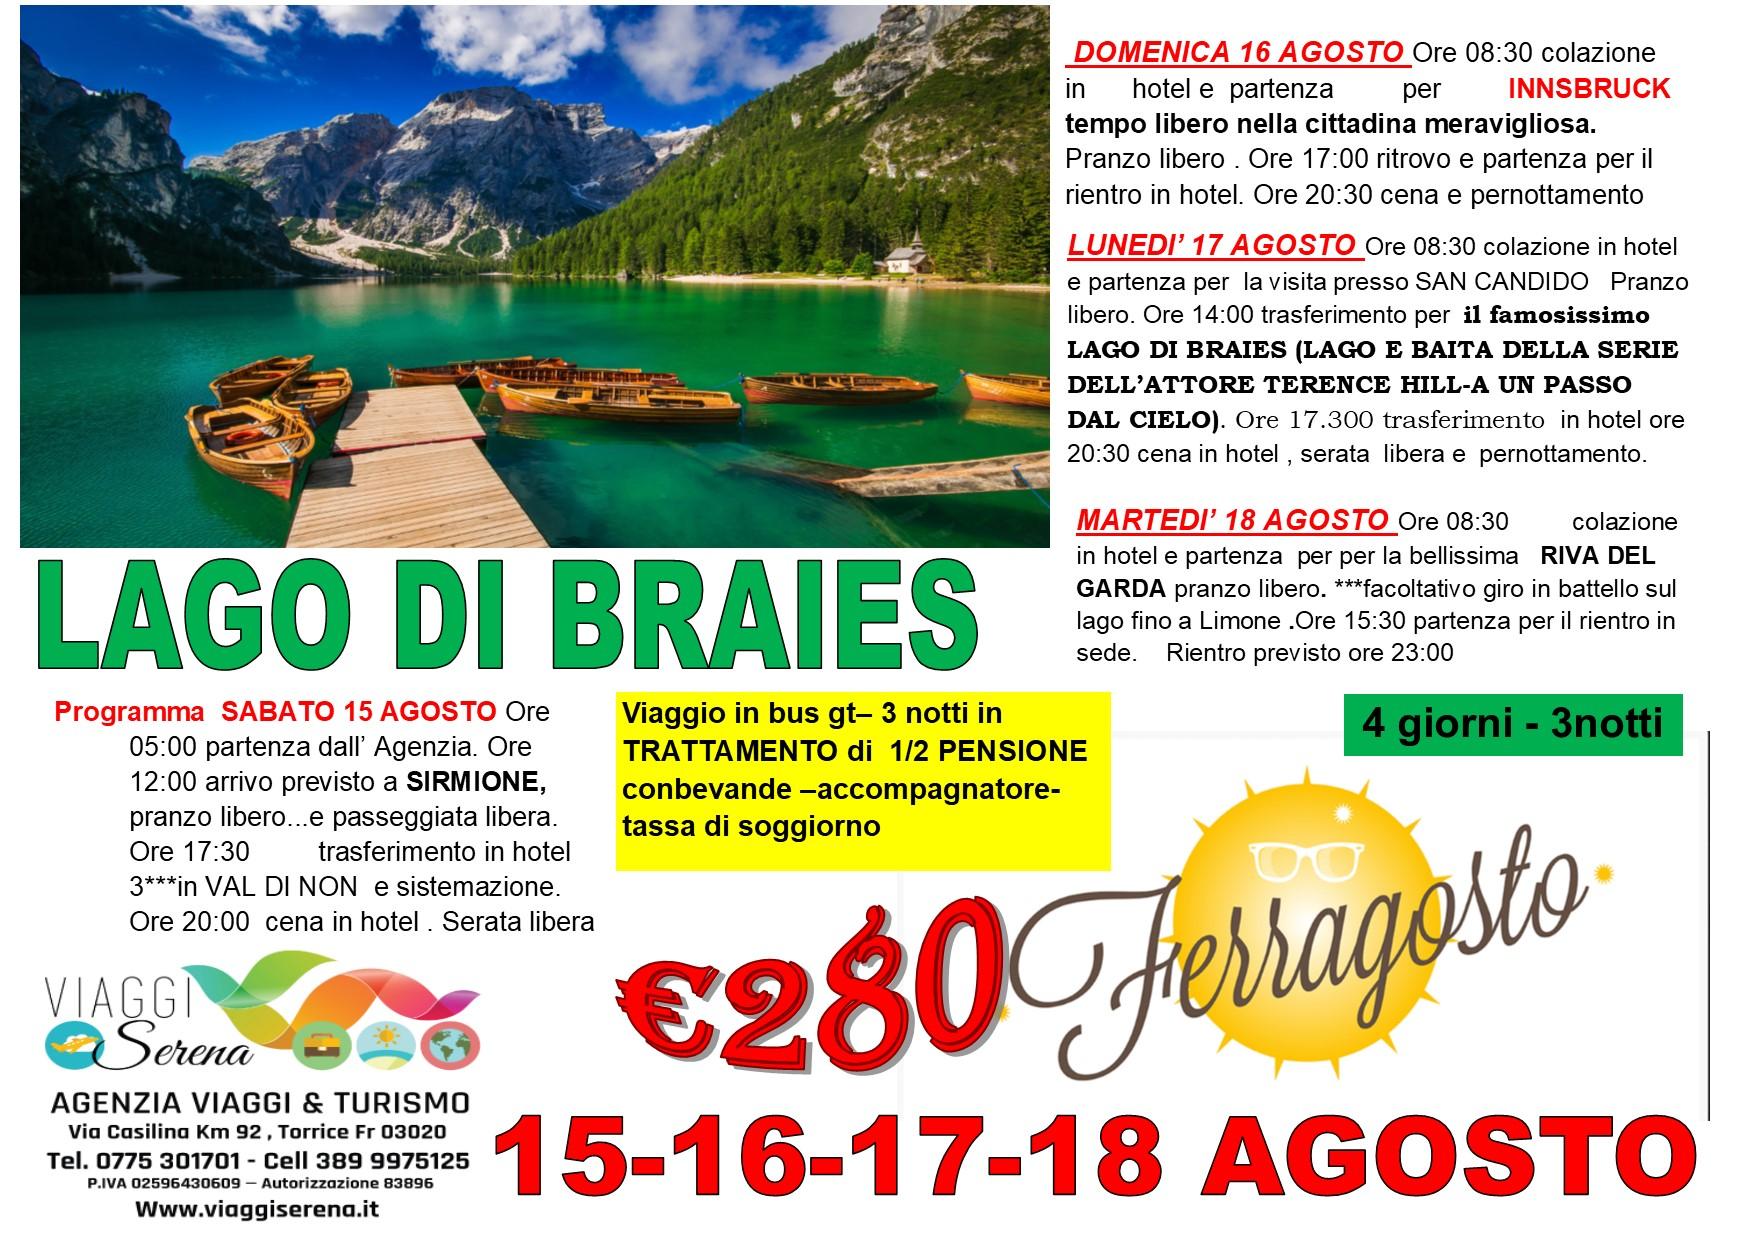 Viaggi di Gruppo: Ferragosto INNSBRUCK & LAGO DI BRAIES 15-16-17-18 Agosto €280,00